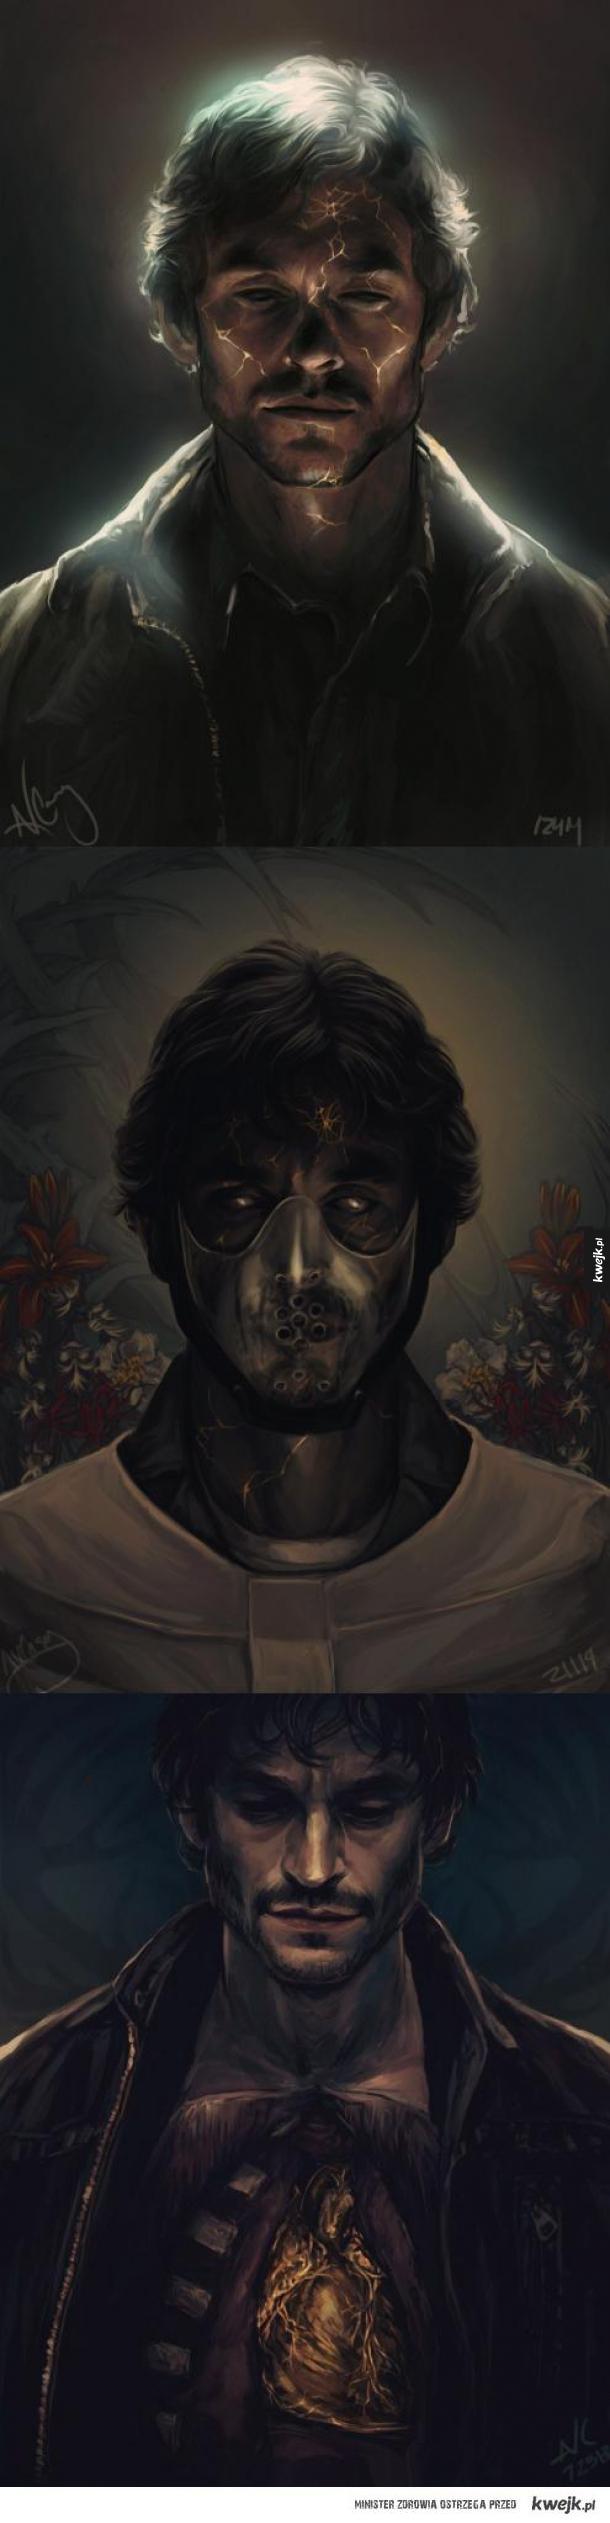 Dobry serial ma dobre fanarty- Hannibal NBC